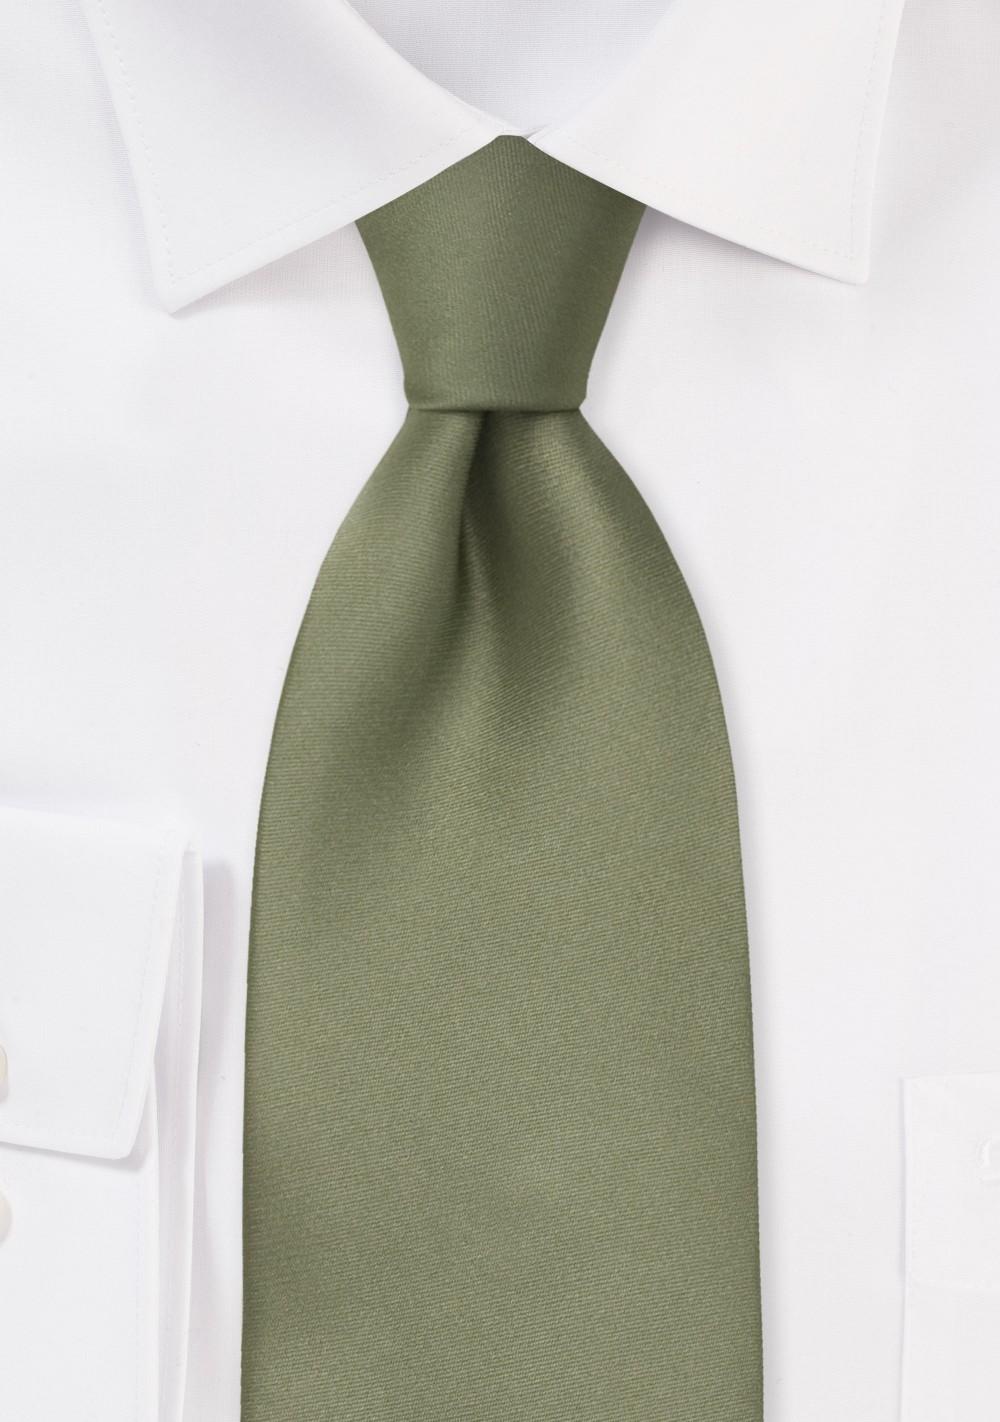 Dark Sage Green Silk Tie in XL